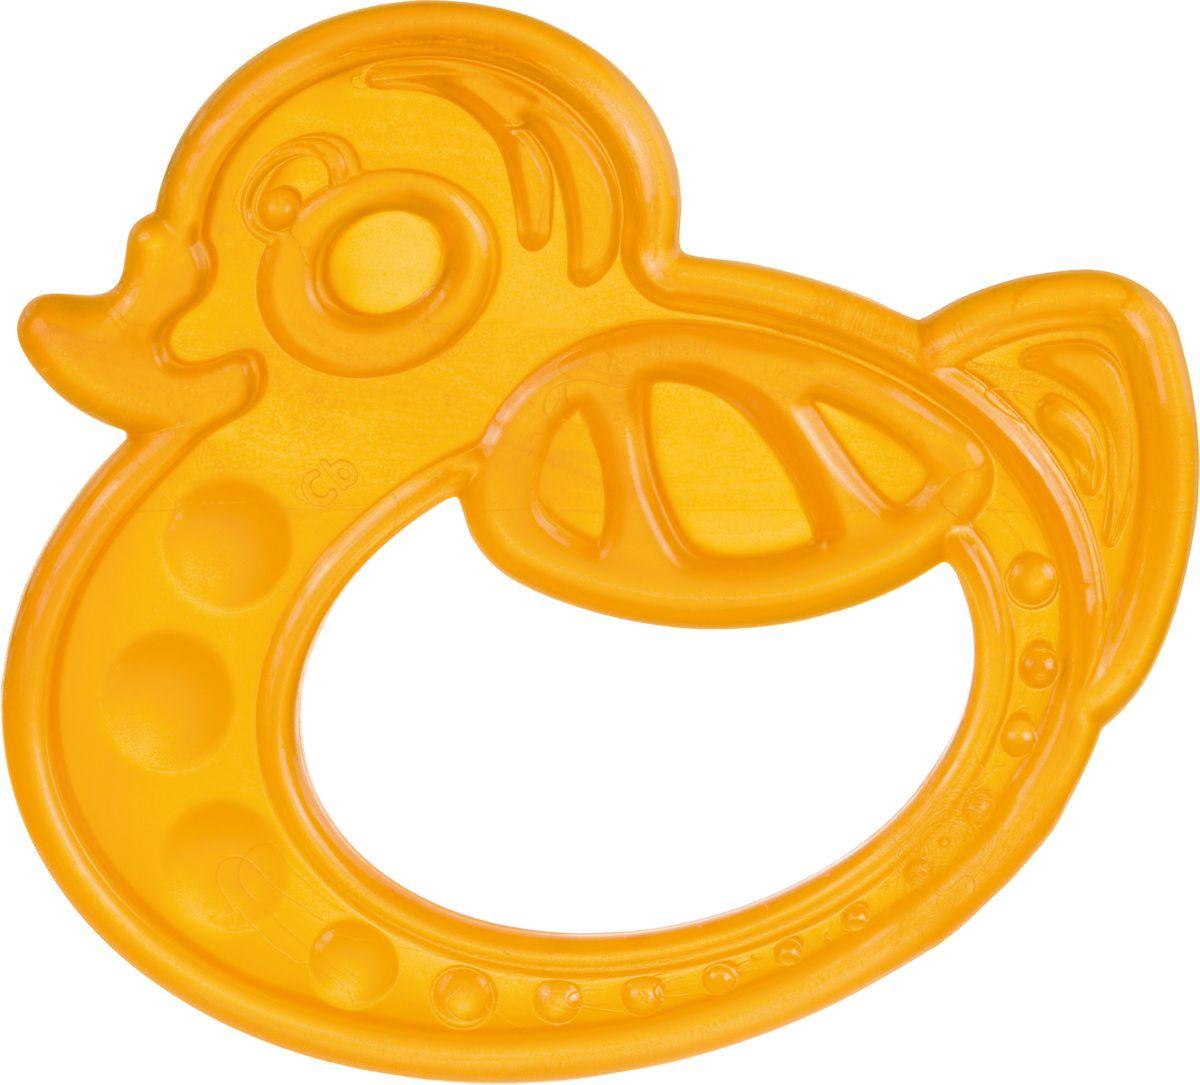 Canpol Babies Прорезыватель Уточка от 0 месяцев цвет оранжевый термометры для воды canpol уточка 2 781